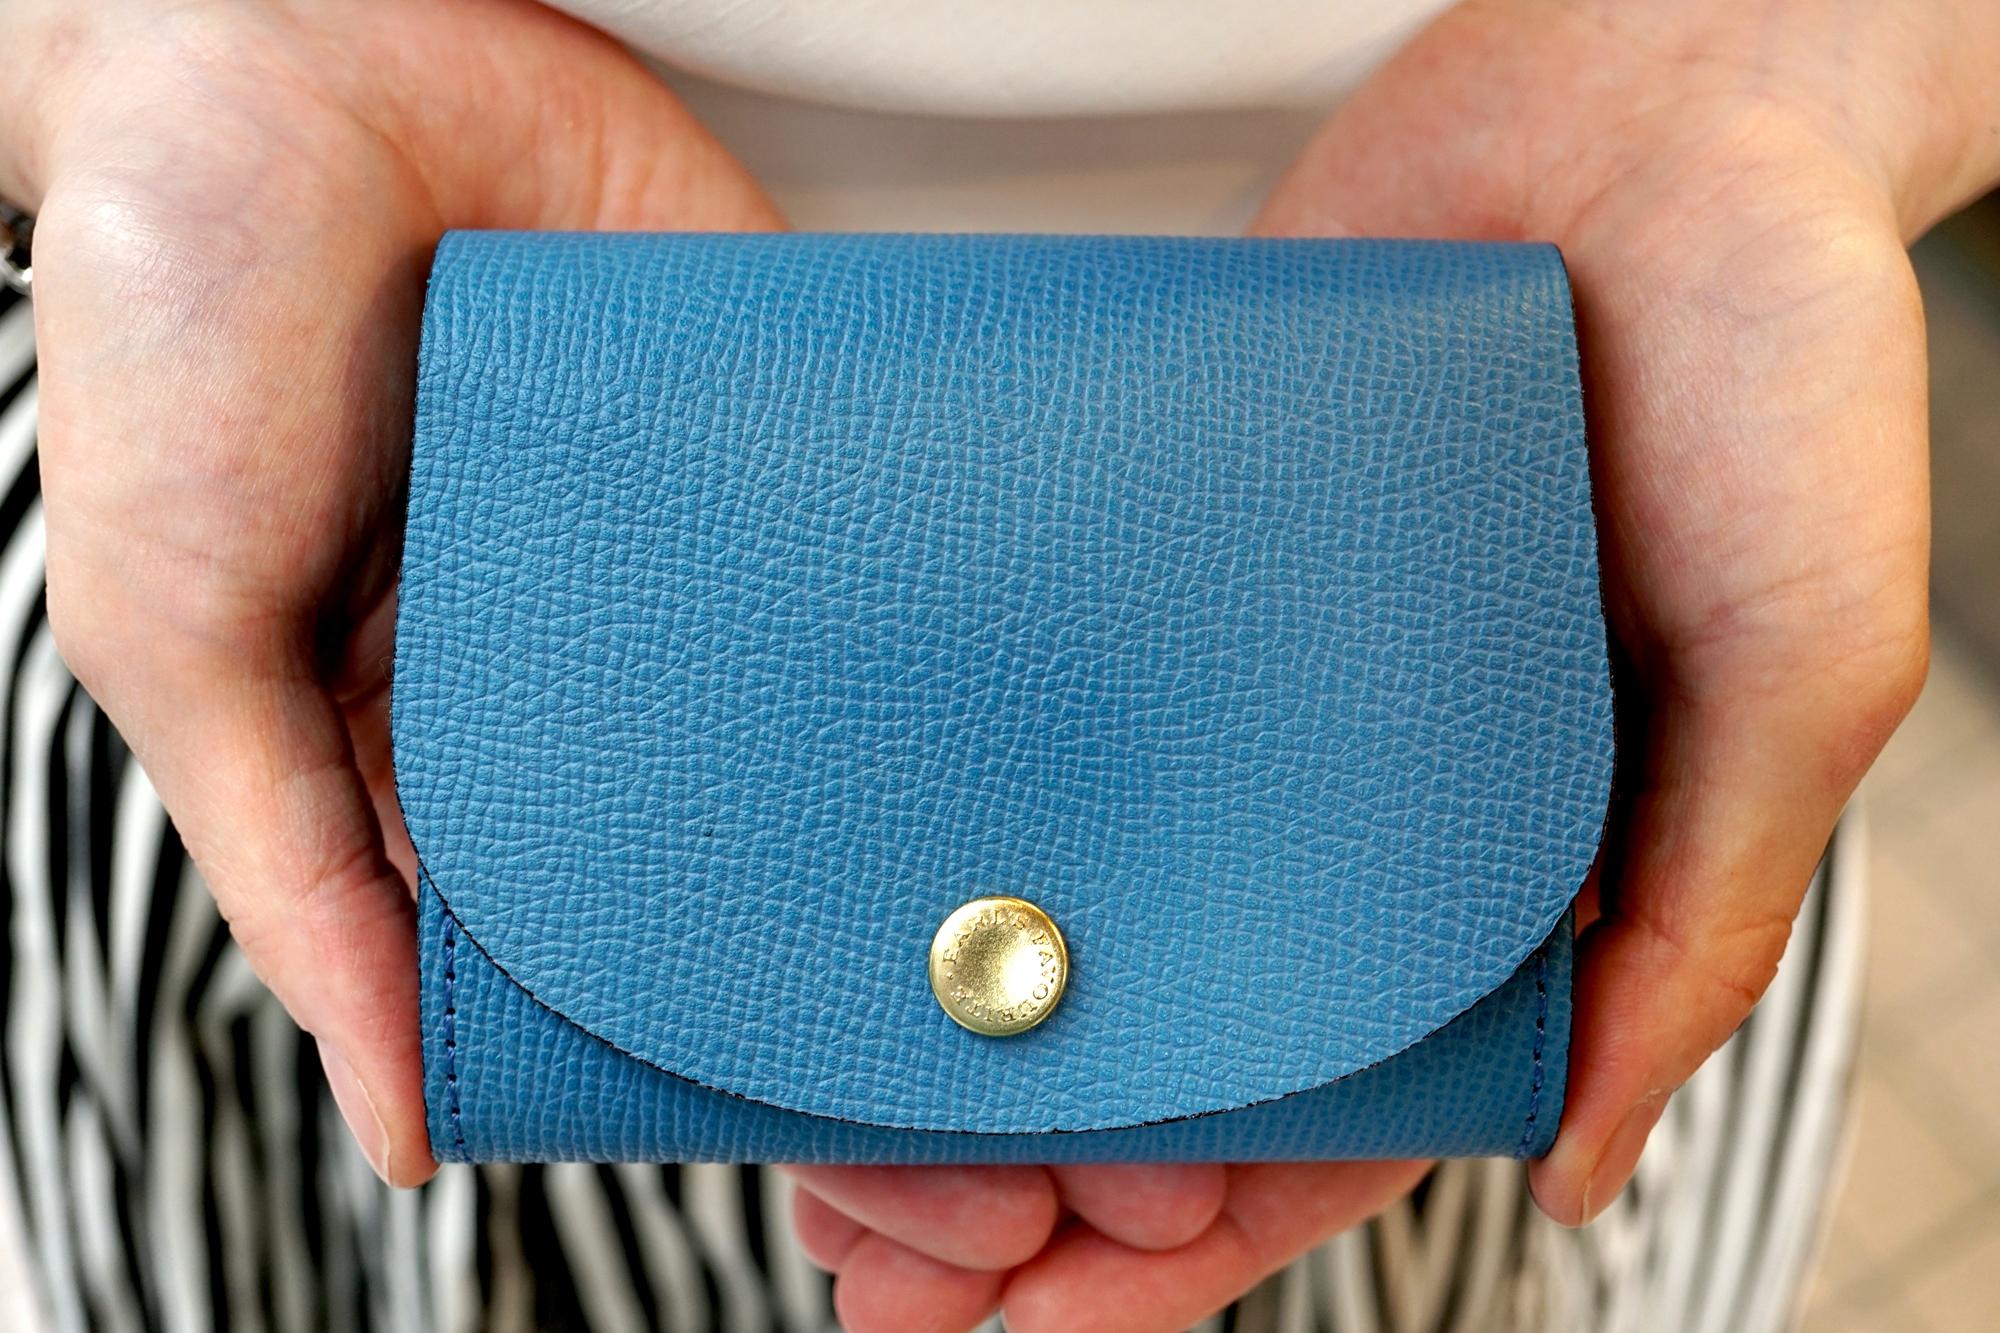 身軽にキメたい時のコンパクト財布|ぷっくり型・パーティーレザーターコイズ